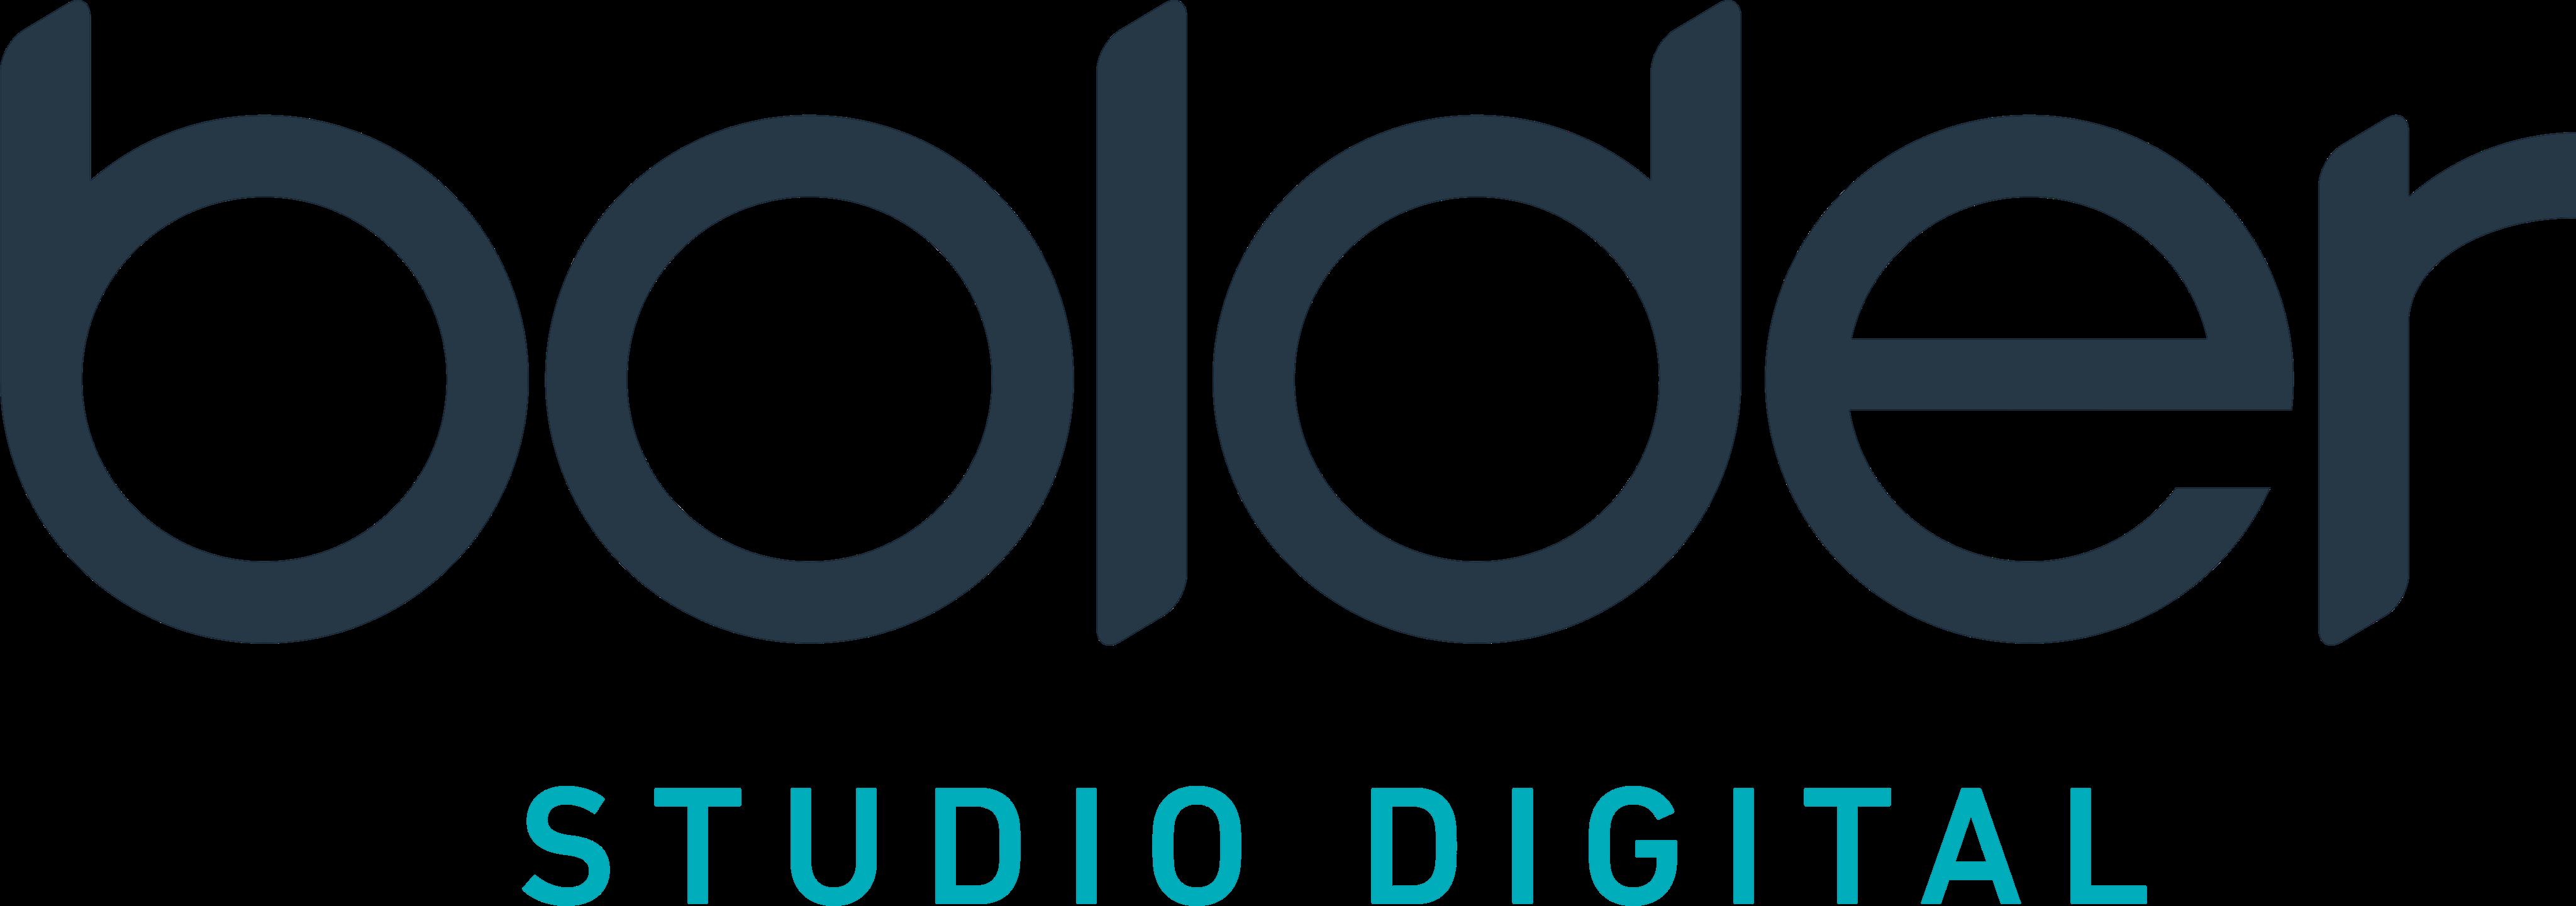 Bolder Studio